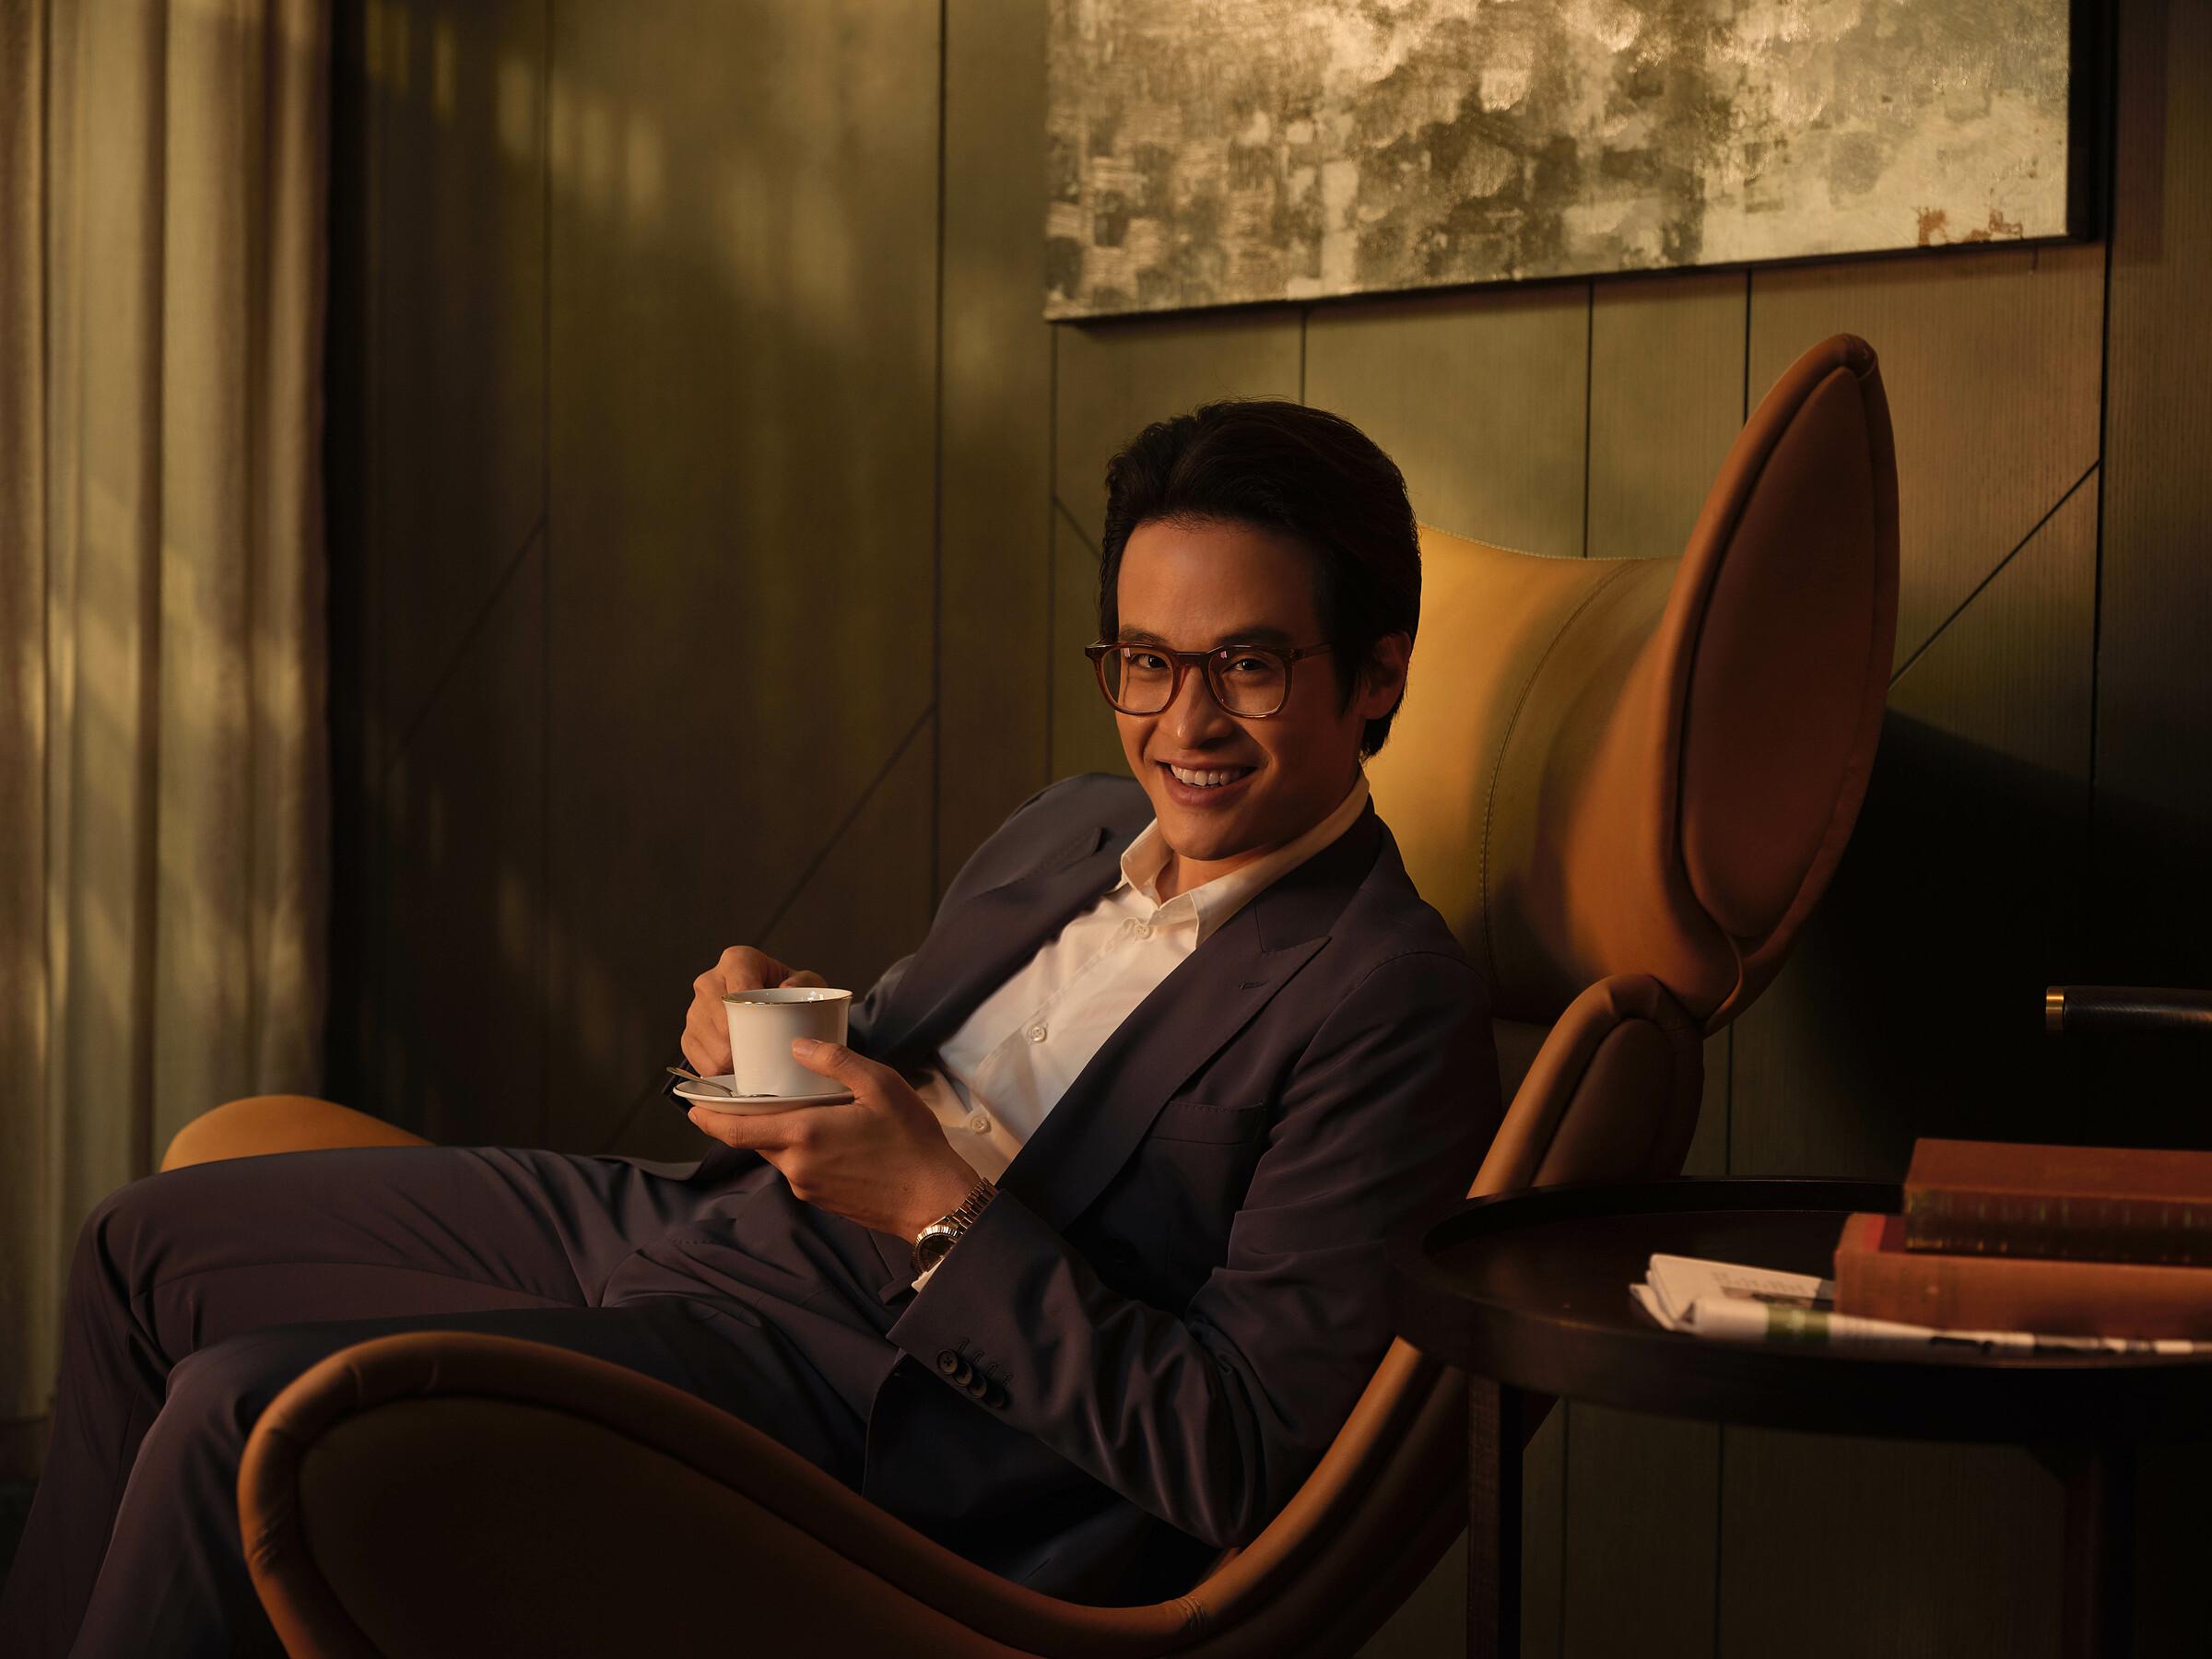 Ca sĩ Hà Anh Tuấn tin tưởng Home for Home góp phần biến giấc mơ nâng tầm cuộc sống thành hiện thực. Ảnh: NVCC.